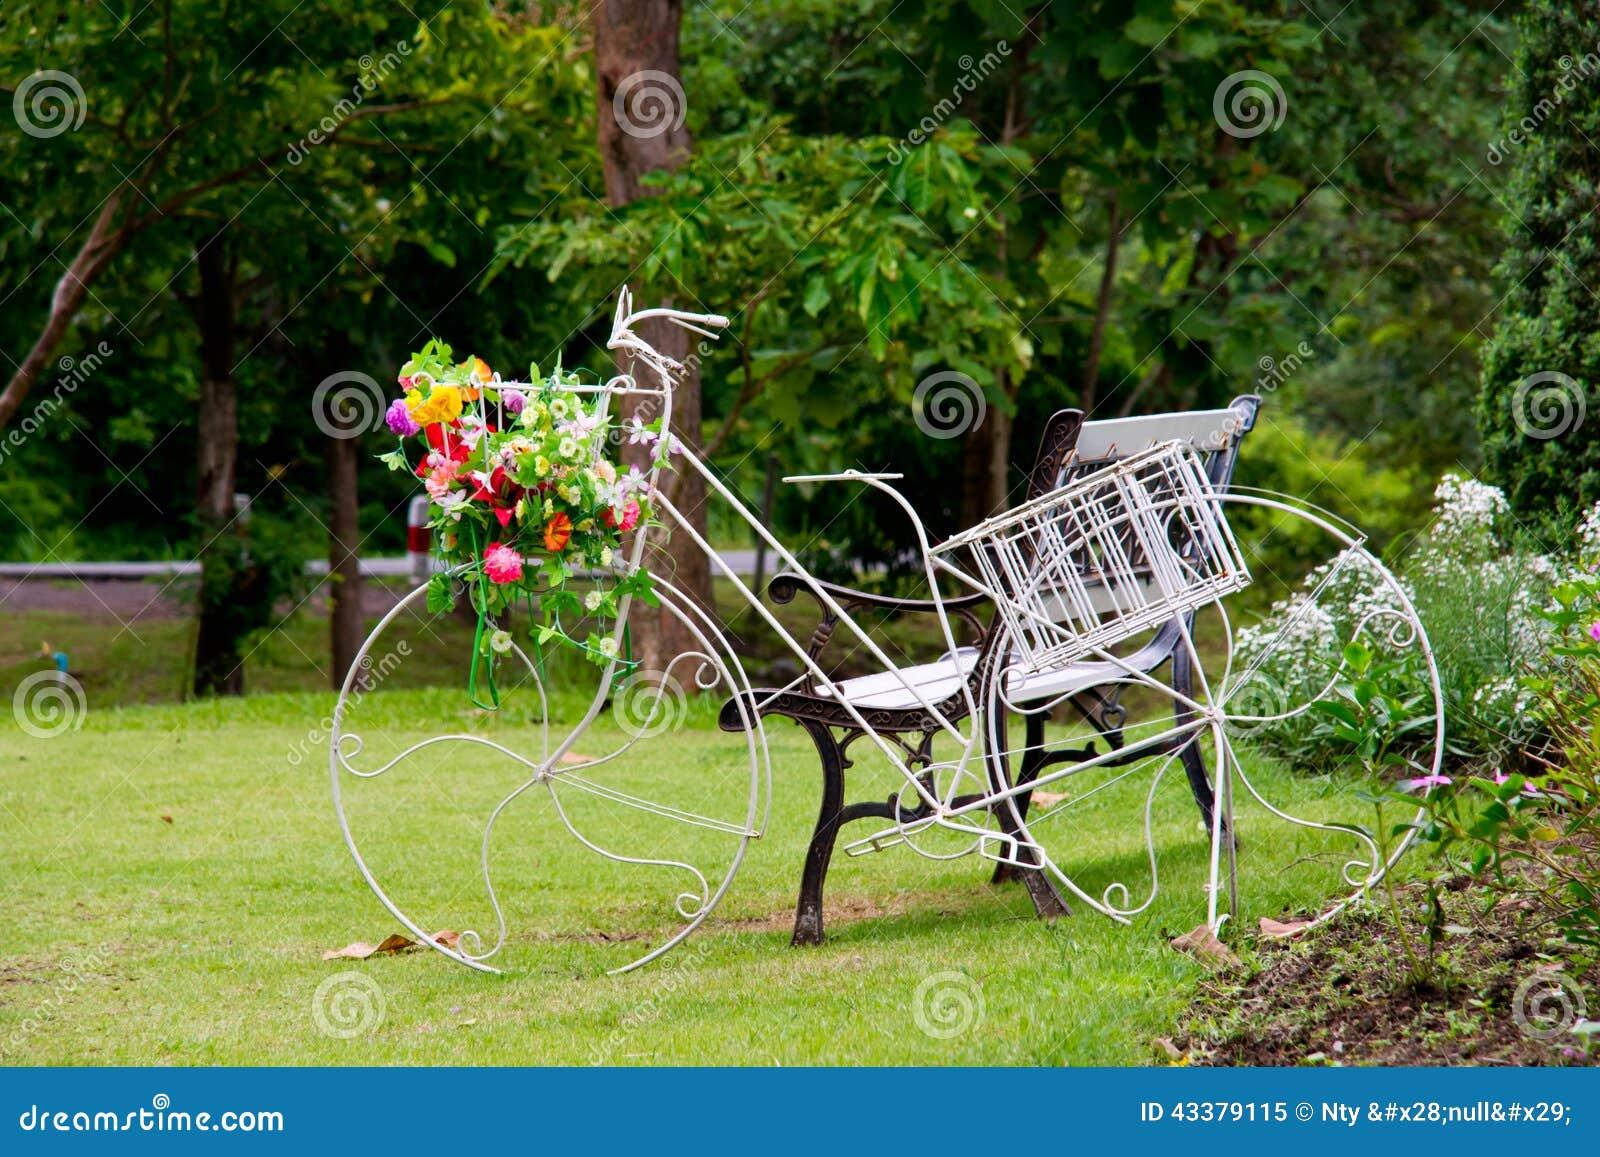 Trädgårds  dekor för cykel arkivfoto   bild: 43379115